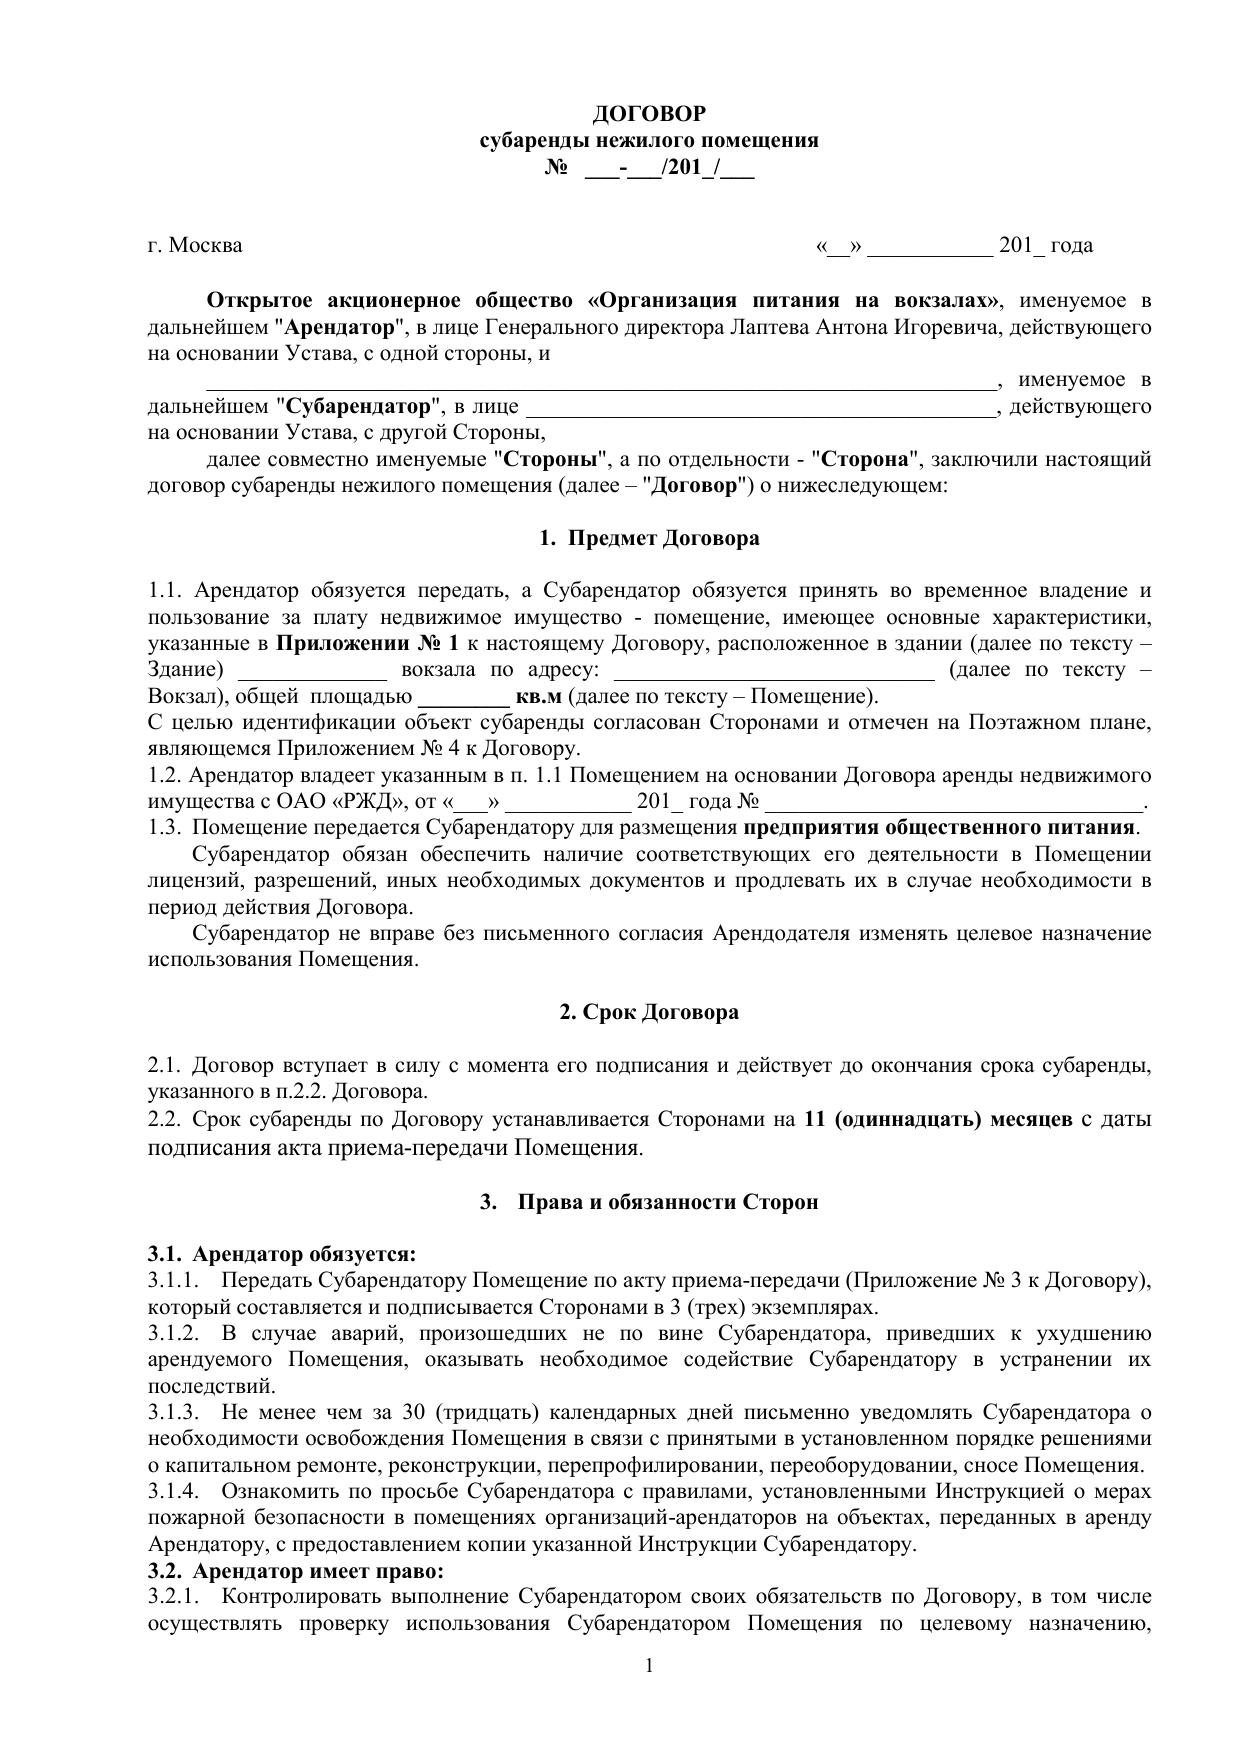 Субаренда земельного участка - образец договора 2020